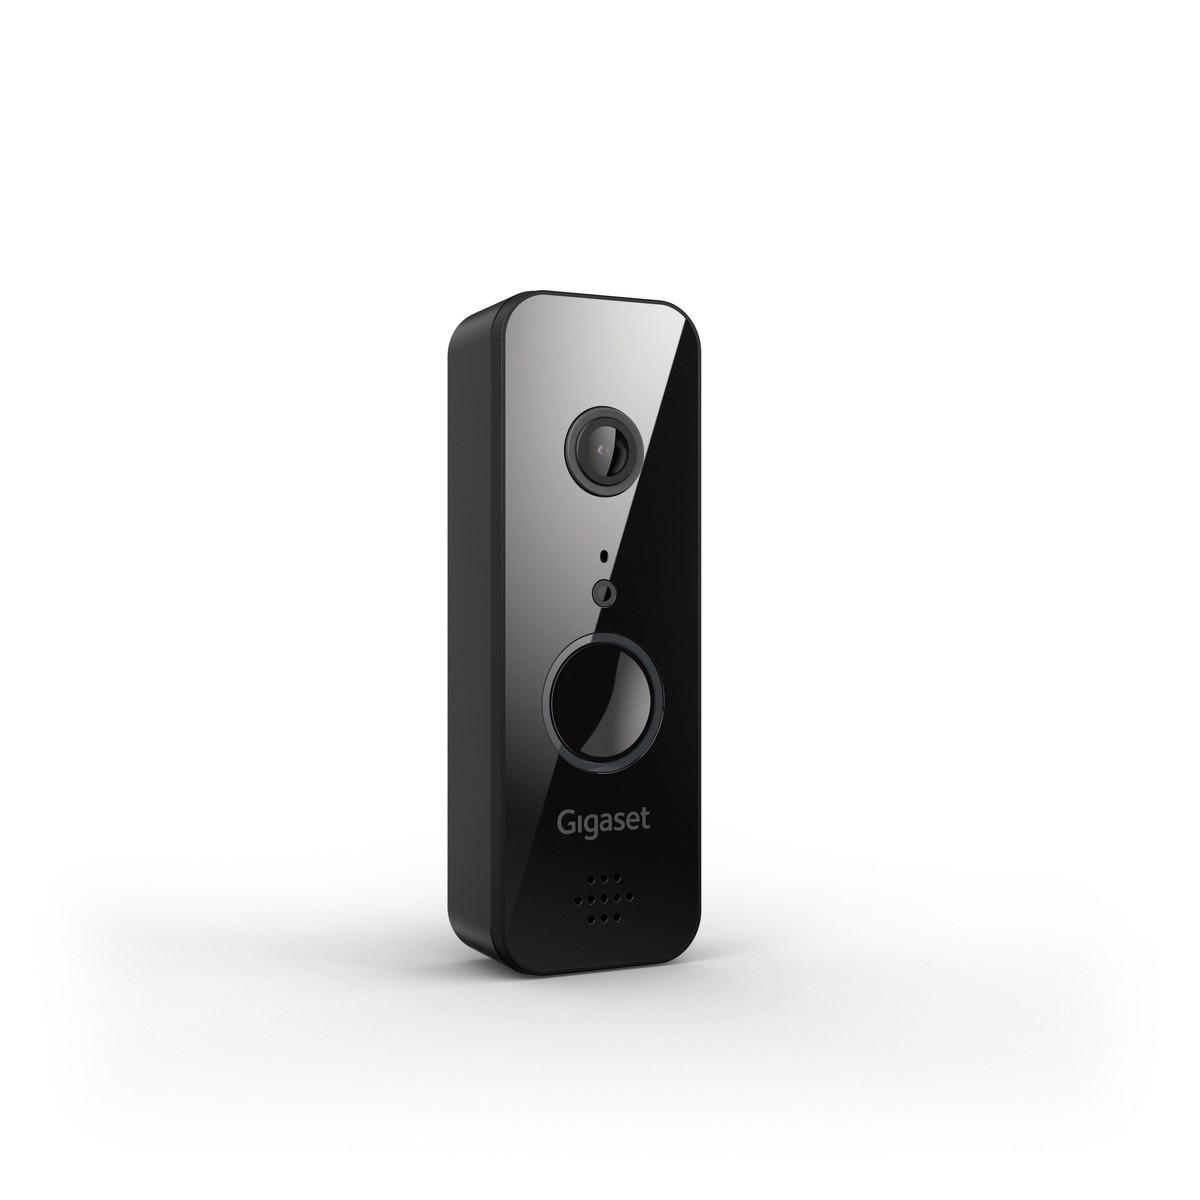 Gigaset ONE X Smart Doorbell